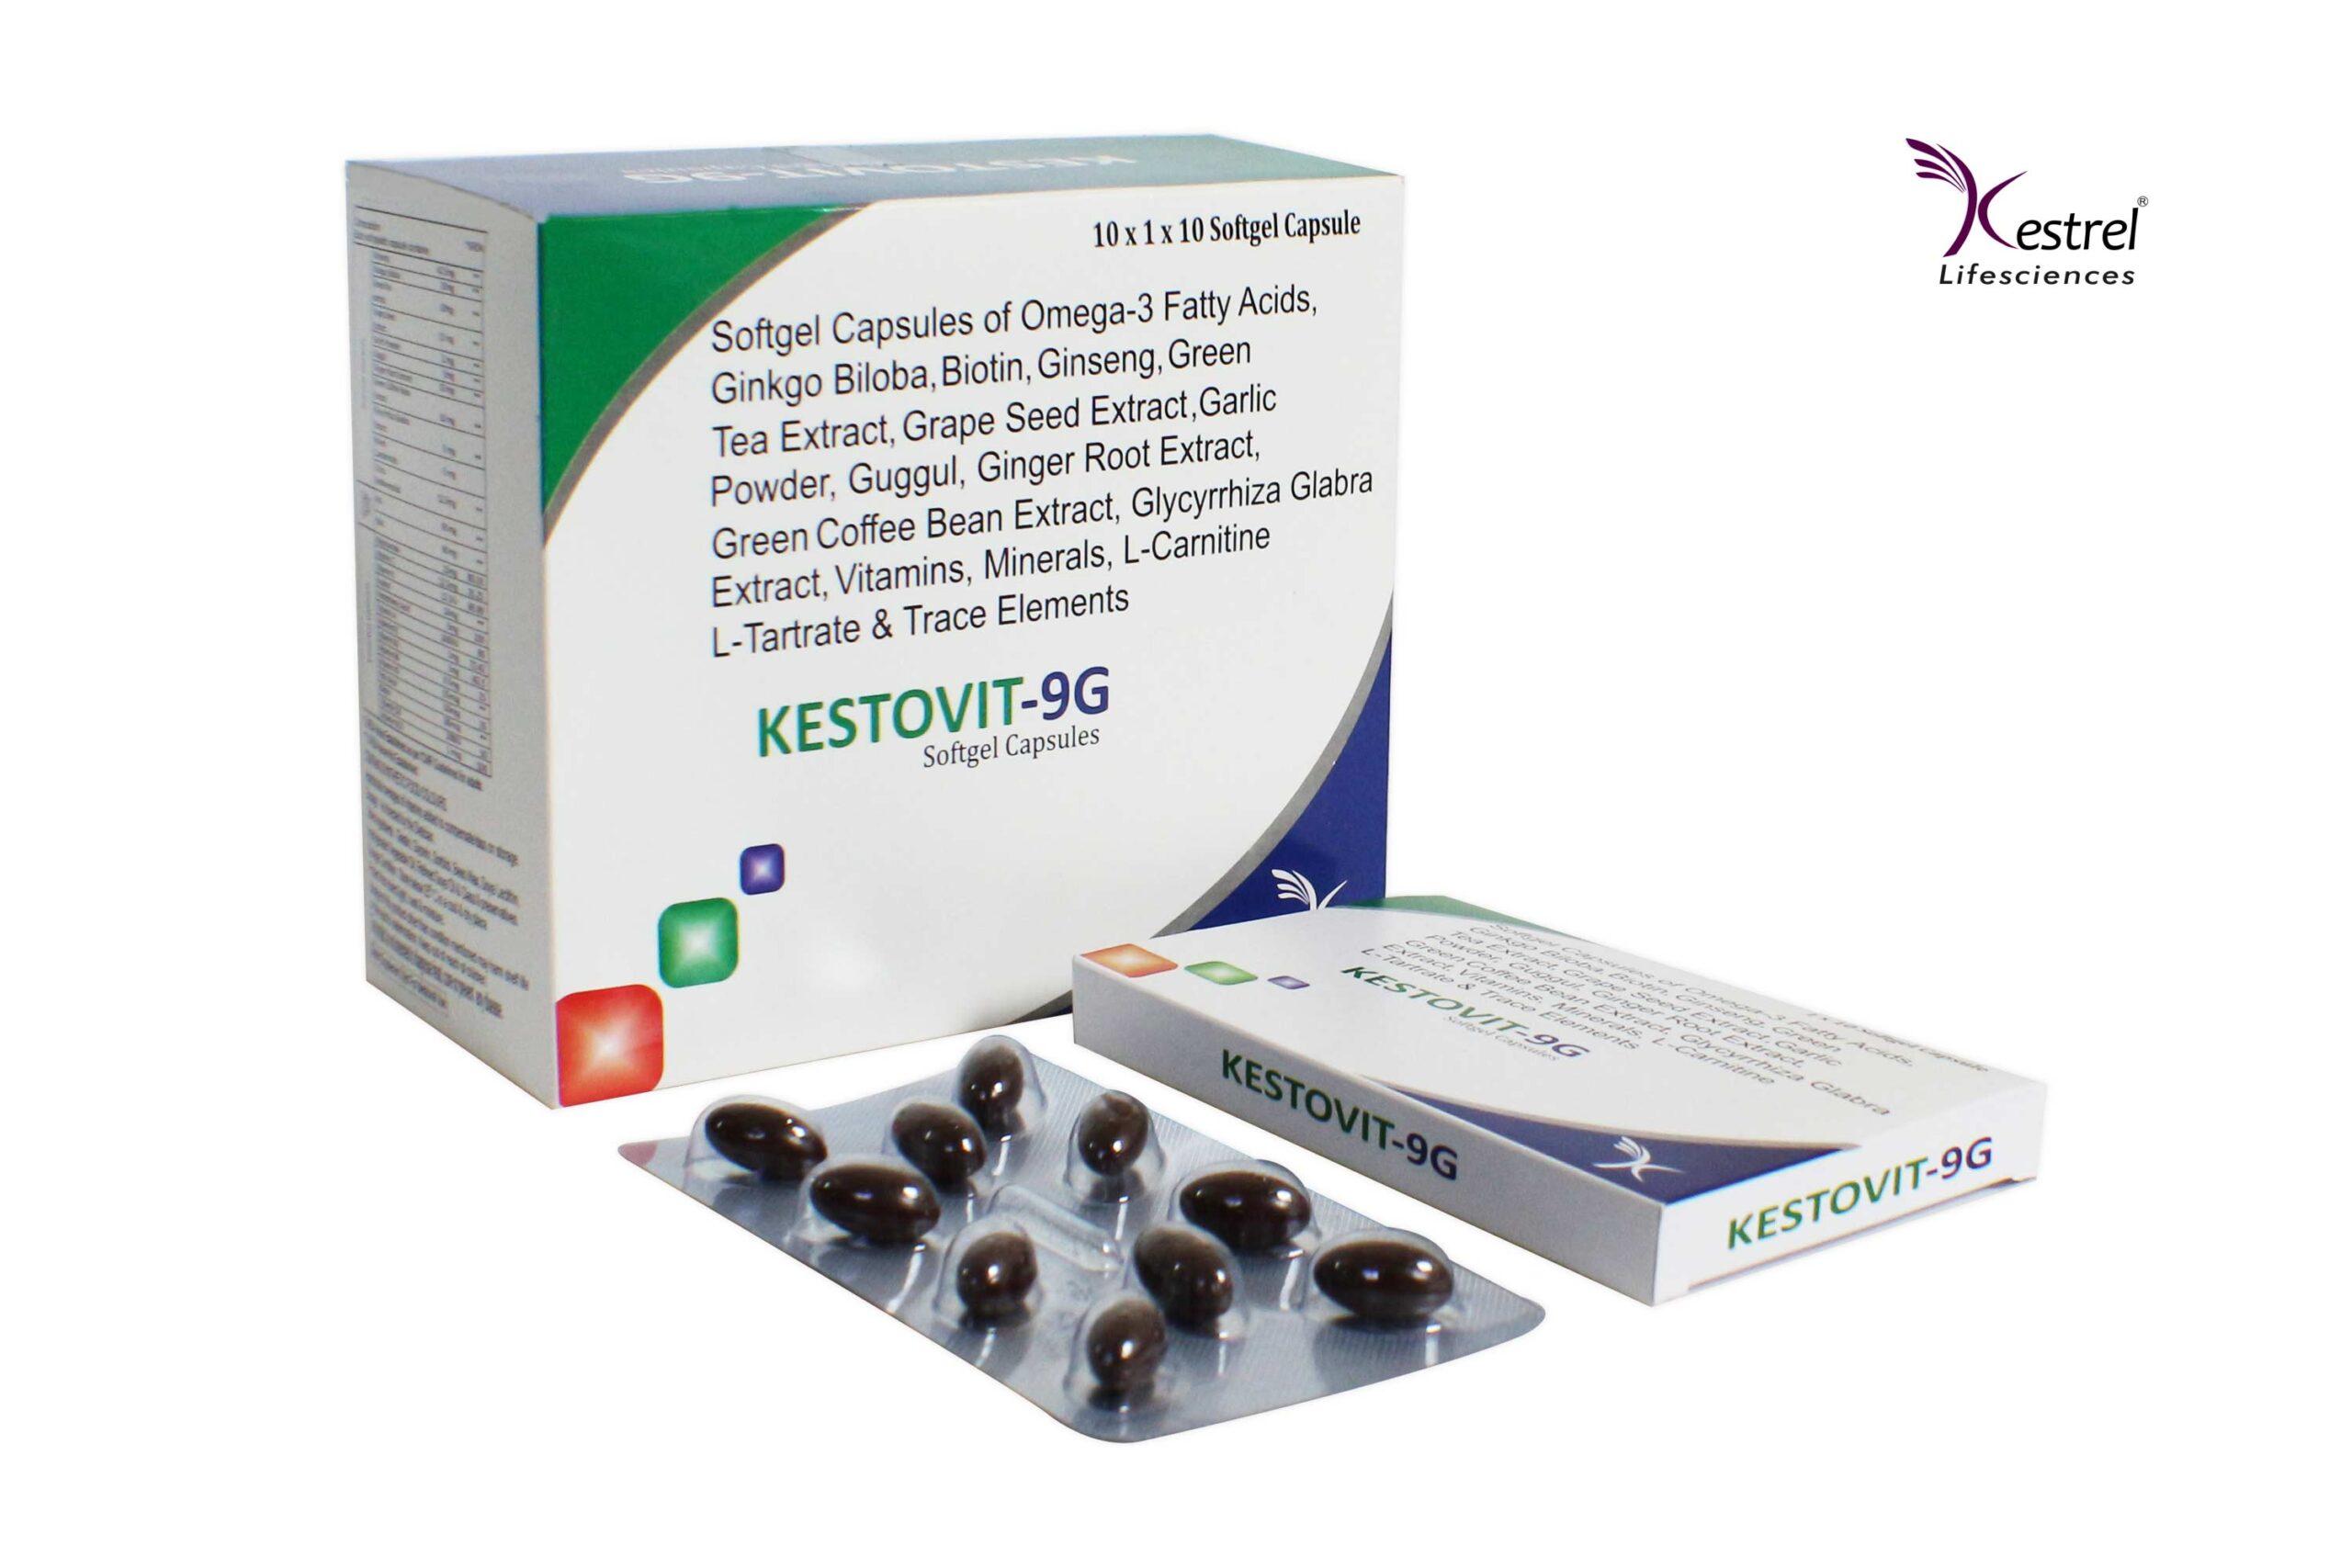 Kestovit-9G